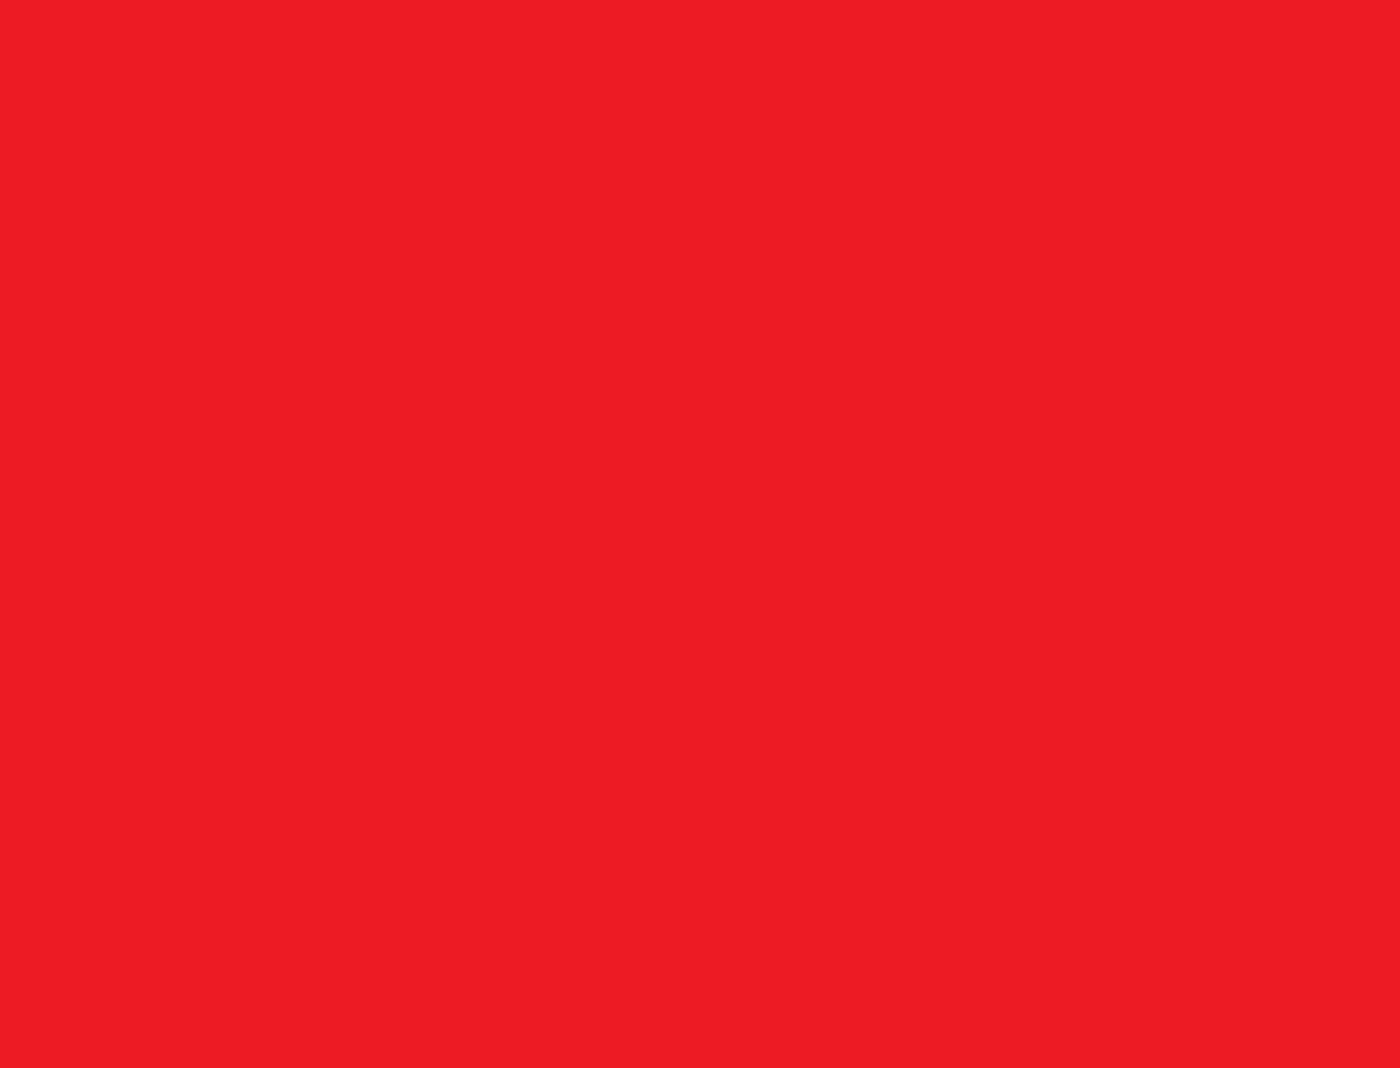 Red Etna